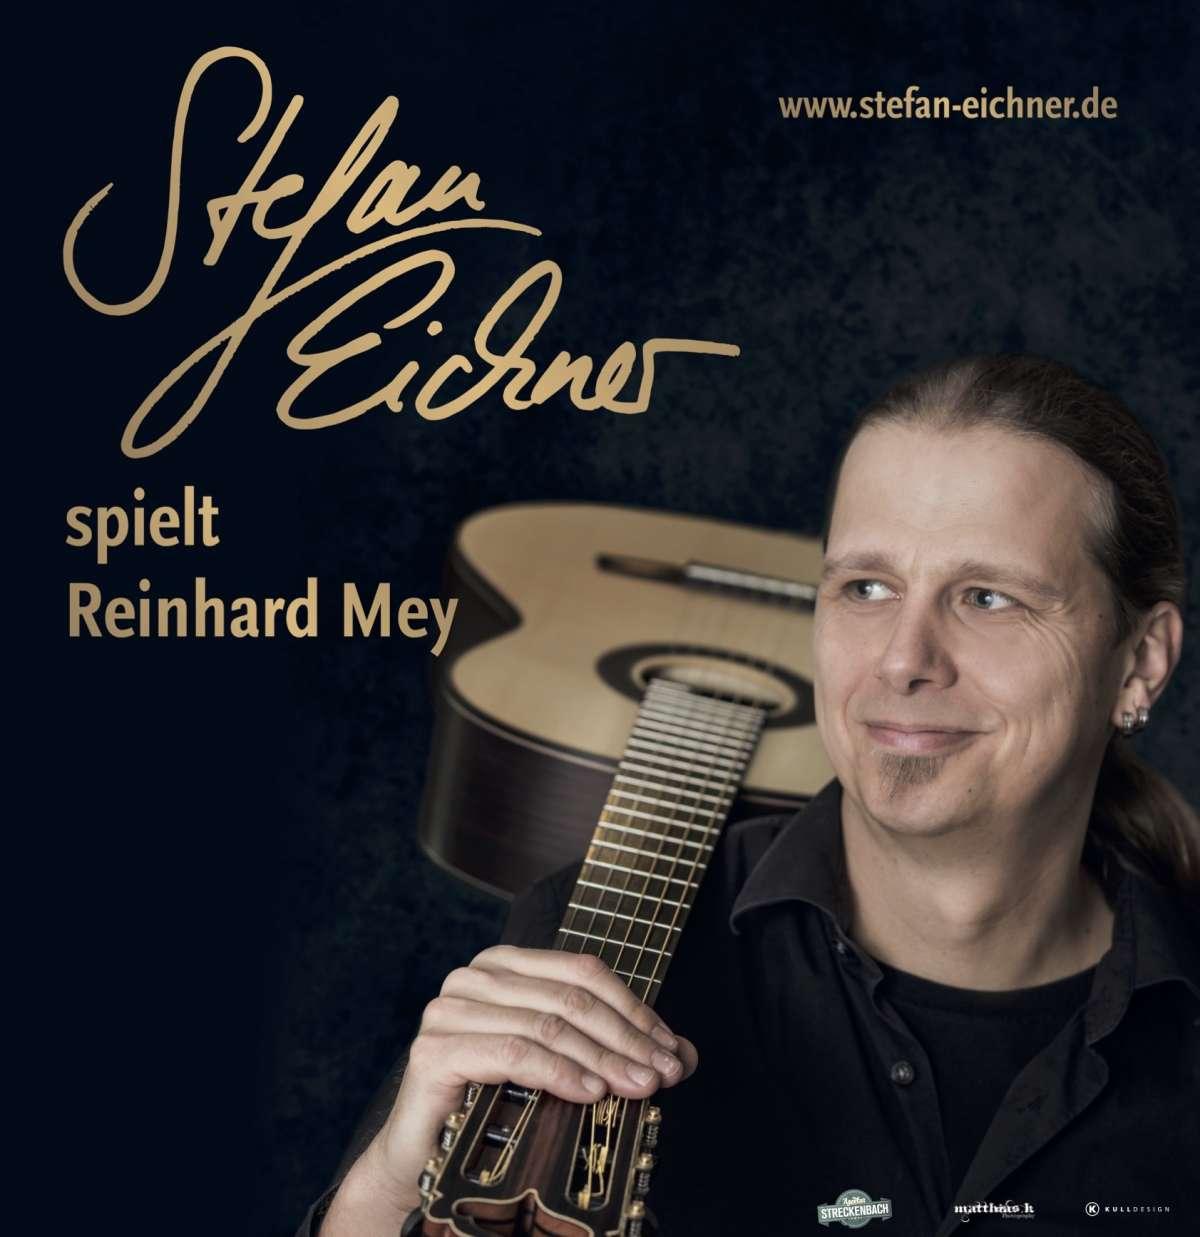 Stefan Eichner spielt Reinhard Mey